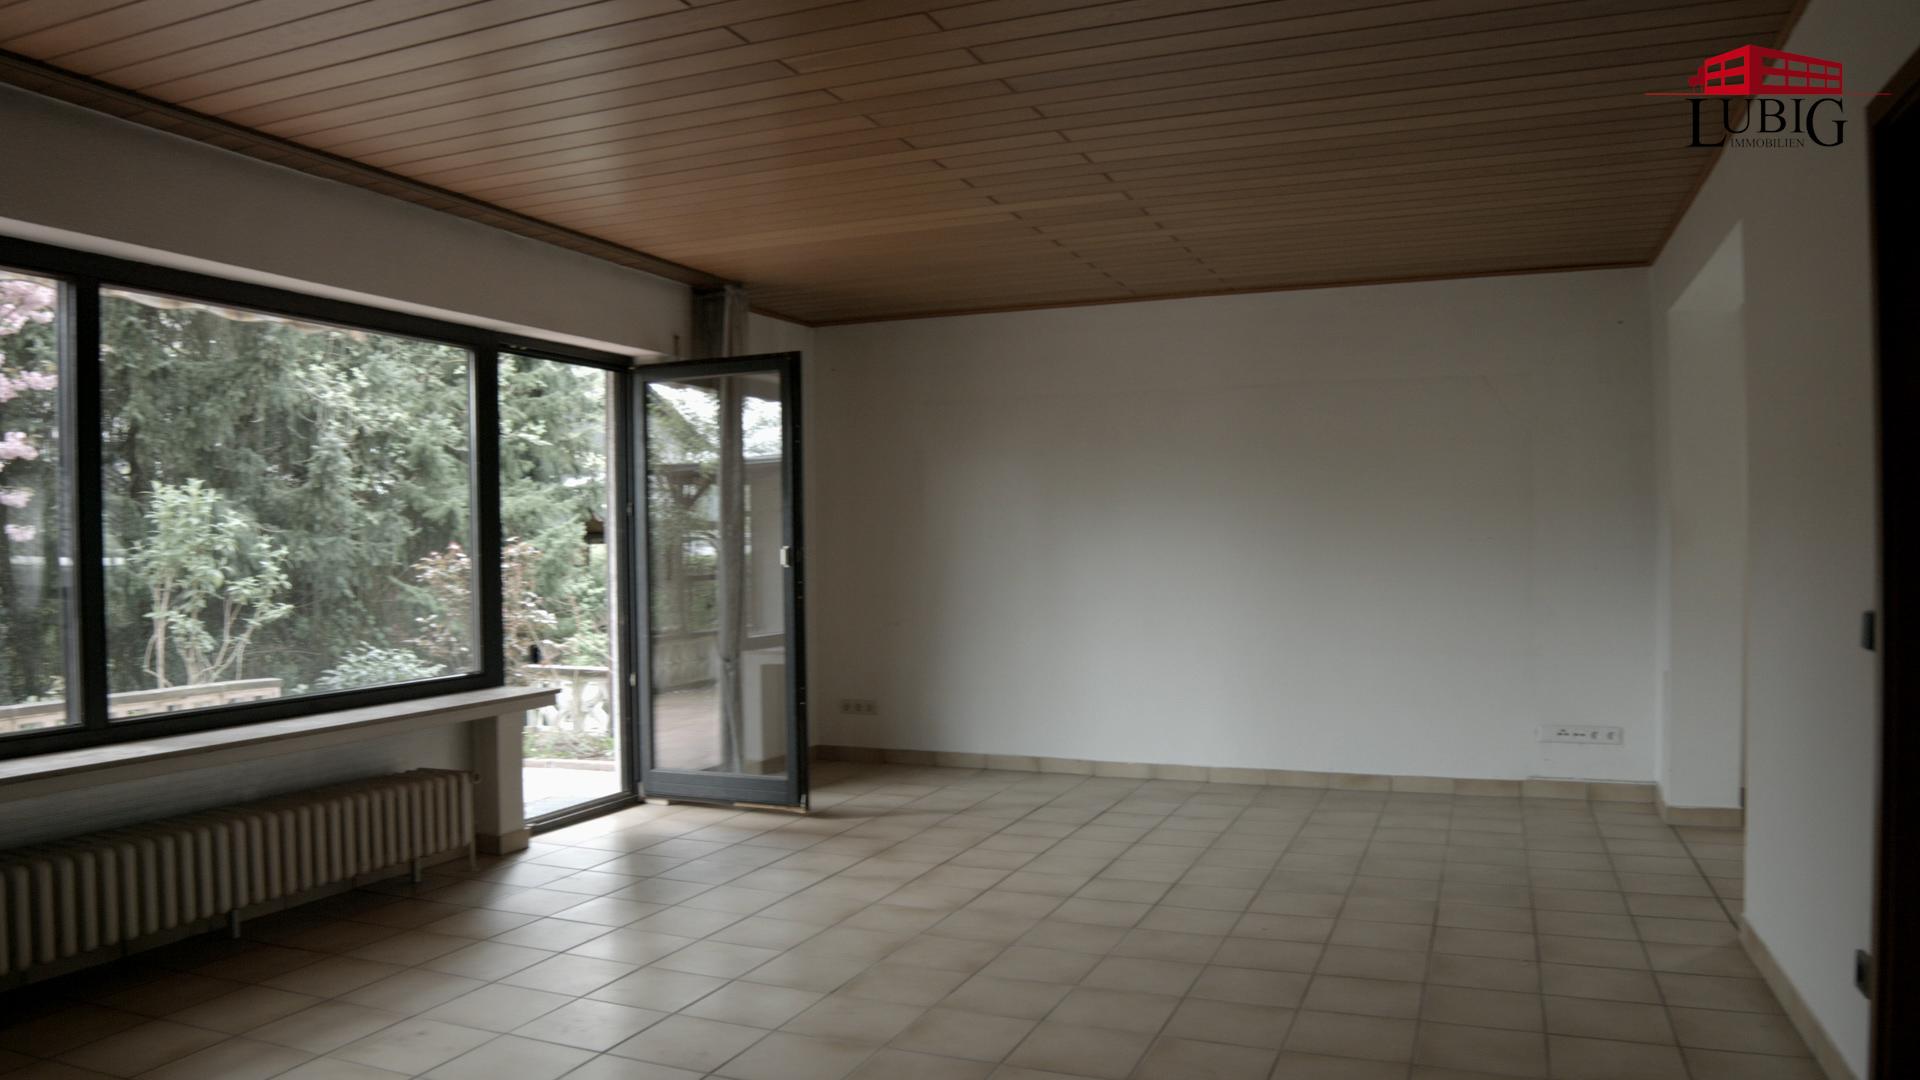 LUBIG Immobilien - Expose 10 - Raumwunder mit Einliegerwohnung